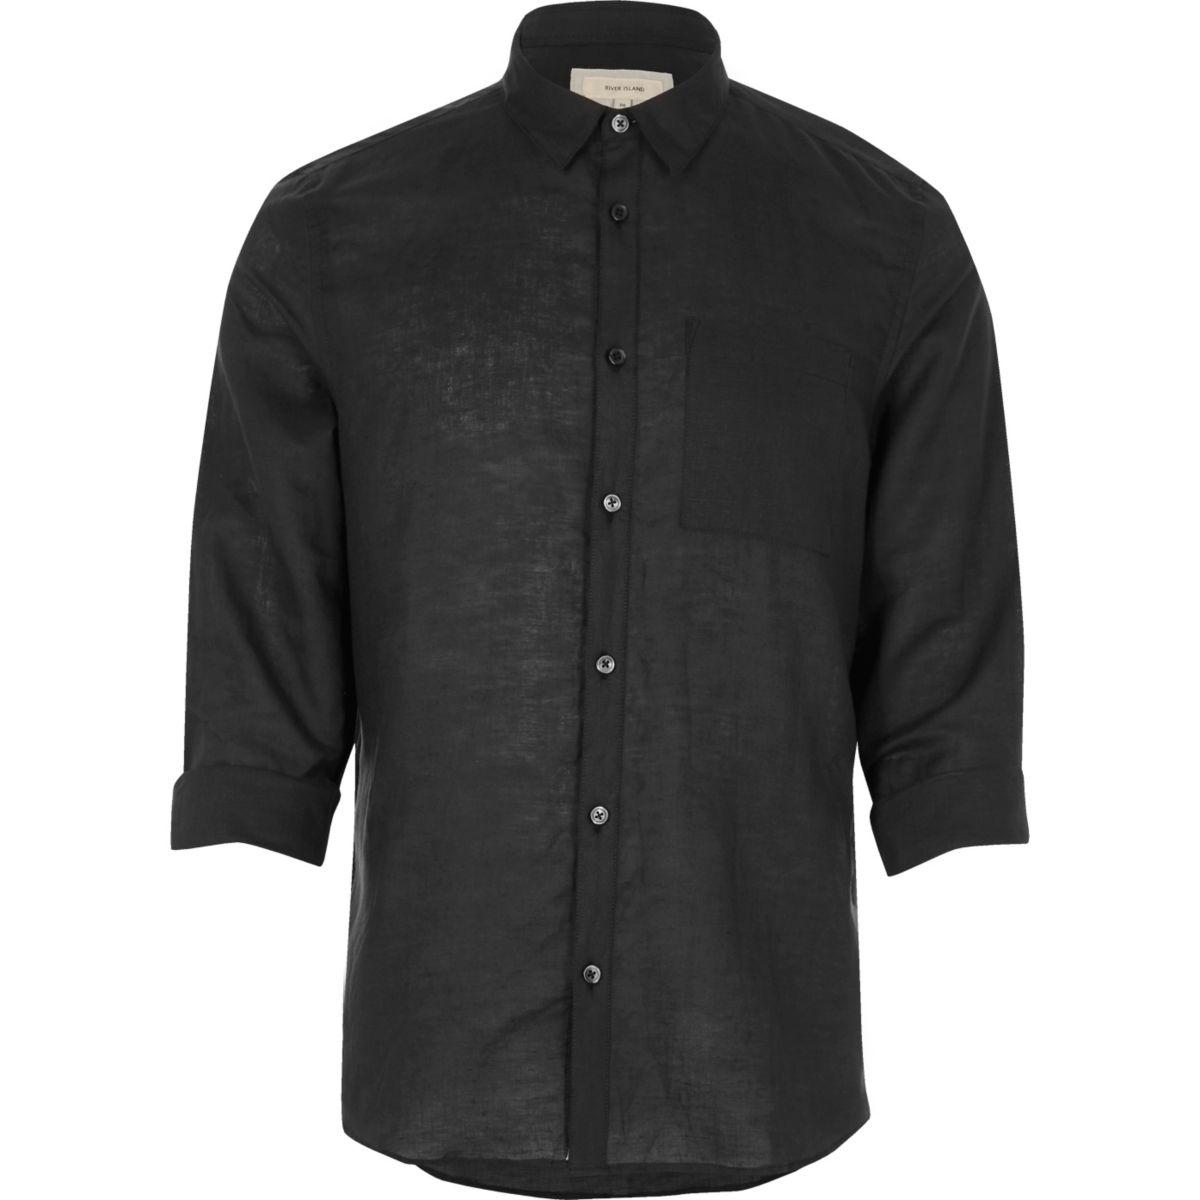 Black linen-rich shirt